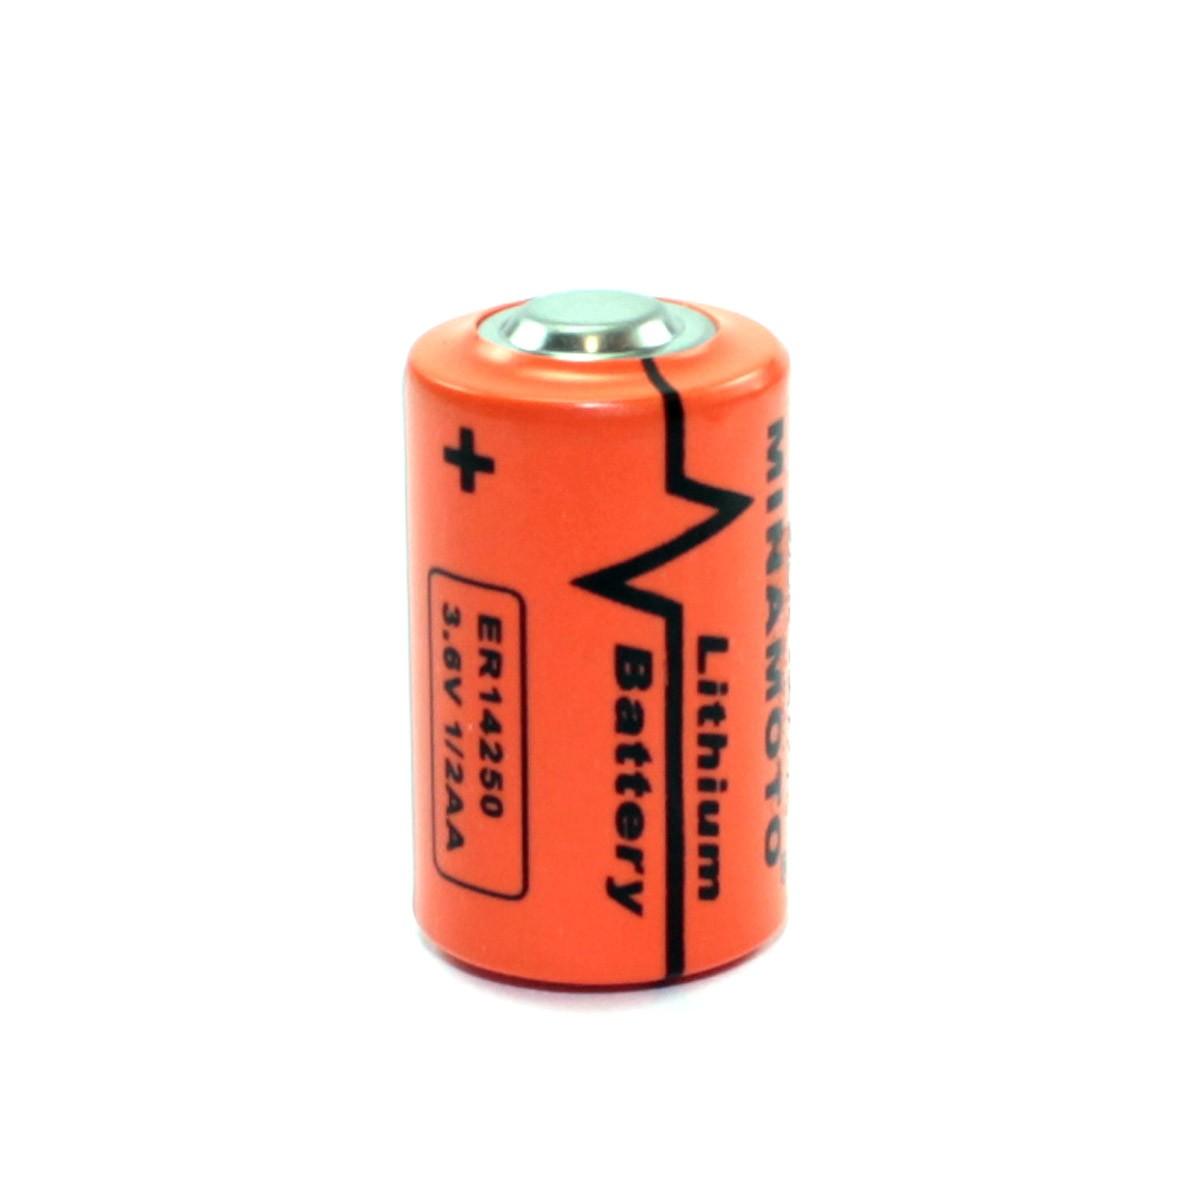 Bateria Não Recarregável Lithium 1/2AA 3,6v 1200mah ER 14250 Minamoto